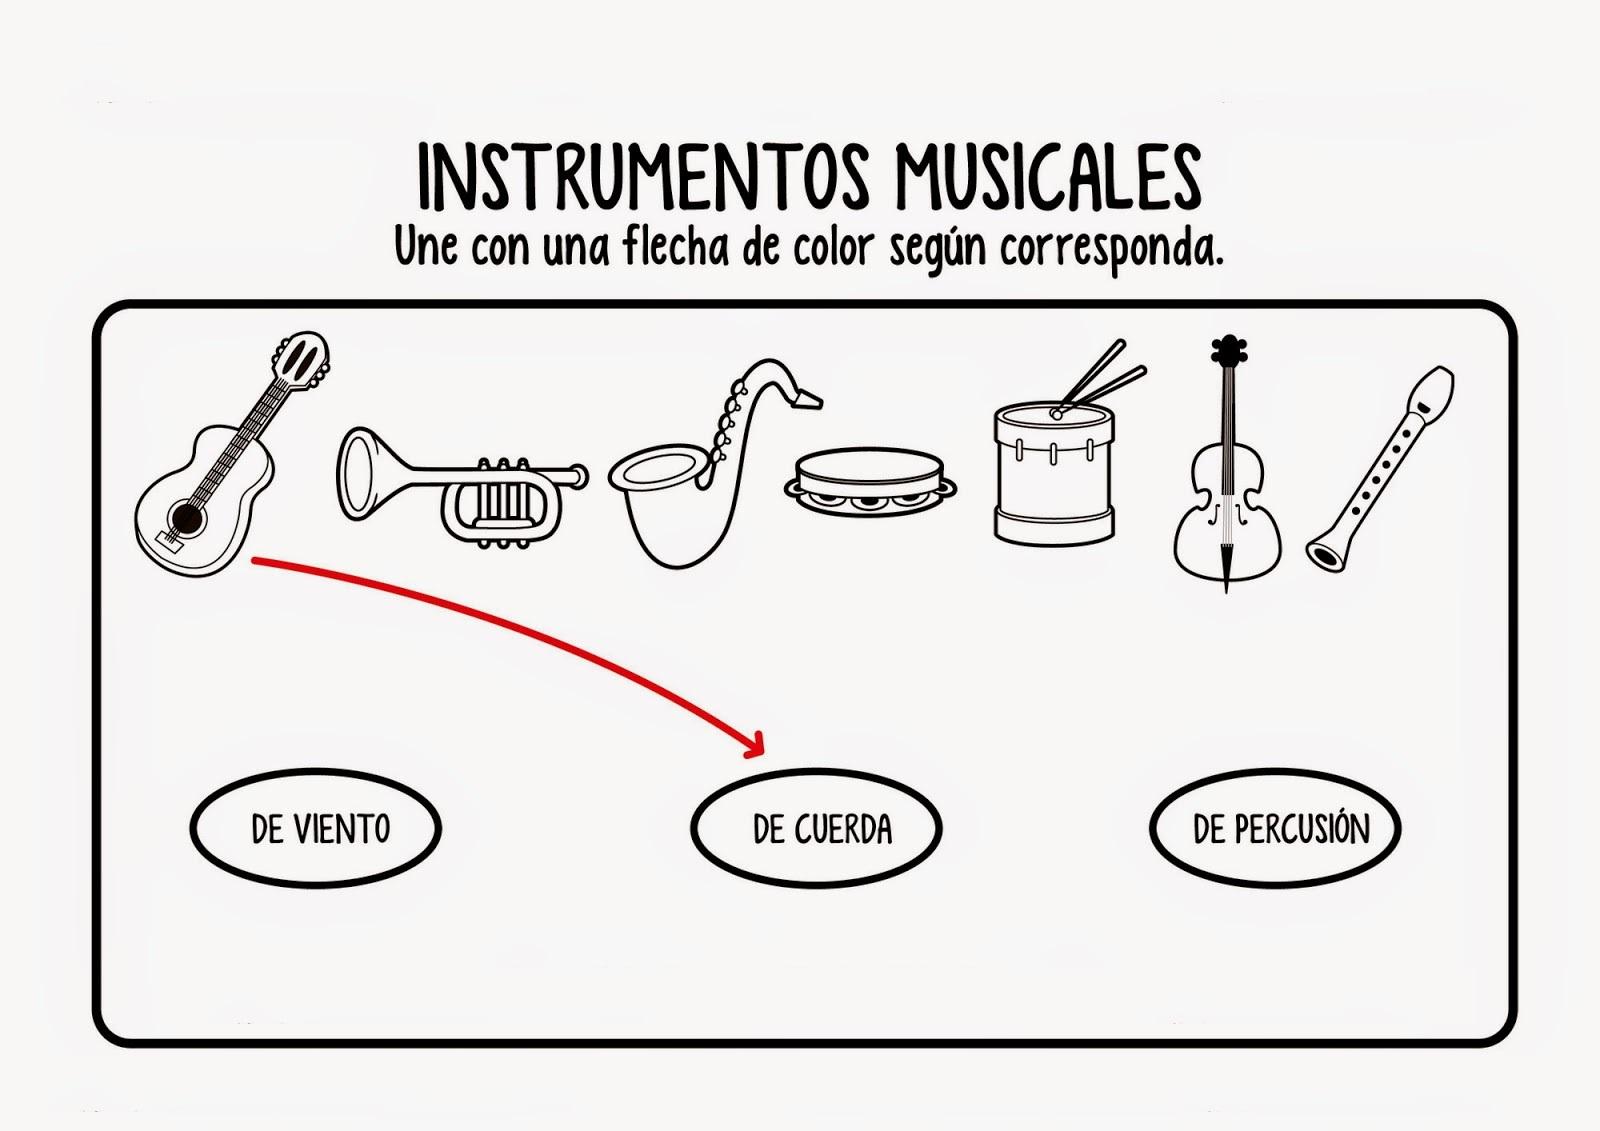 DOCENTECA - Instrumentos musicales - Introducción + ejercicios